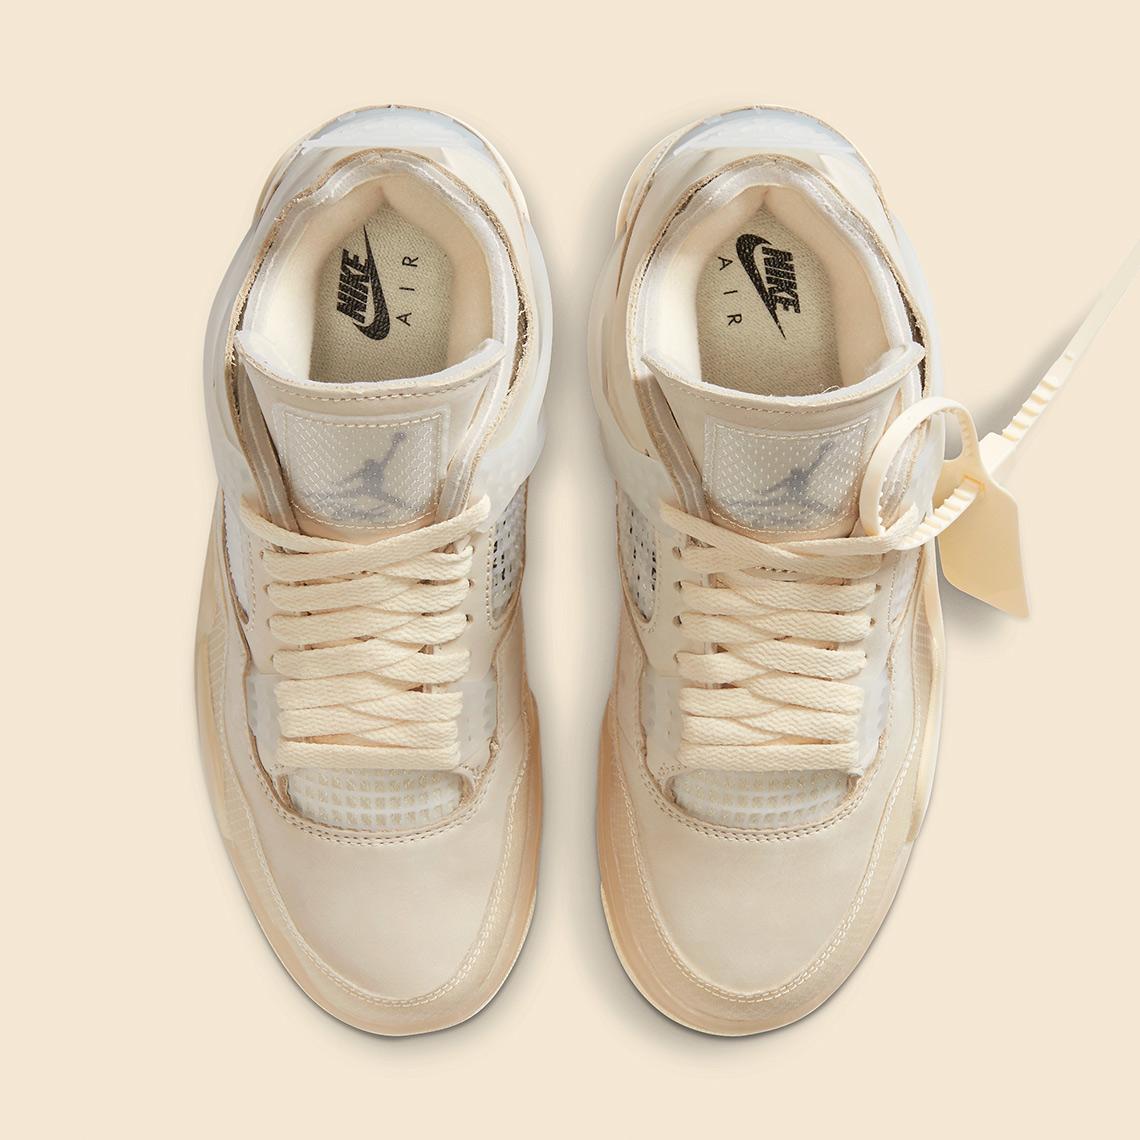 Off-White x Air Jordan 4 ''Sail'' - CV9388-100